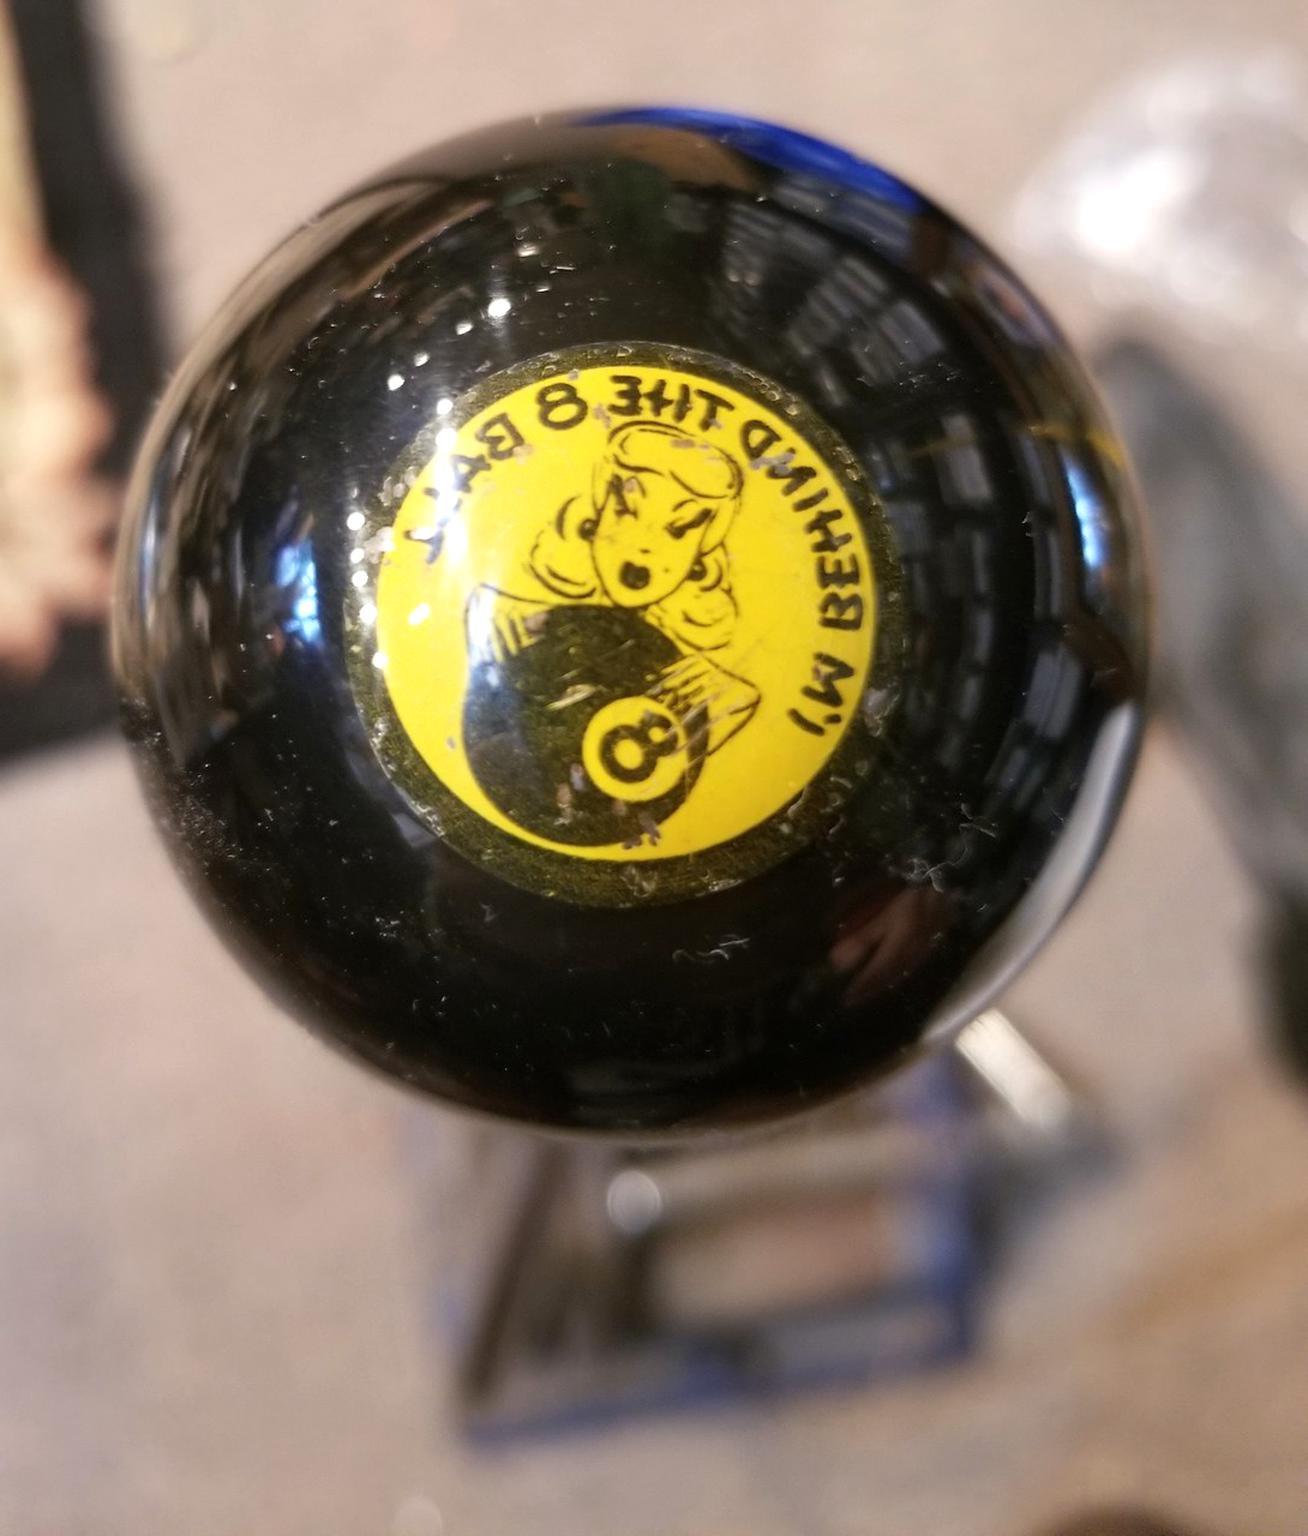 Vintage Gear Knob For Sale In UK